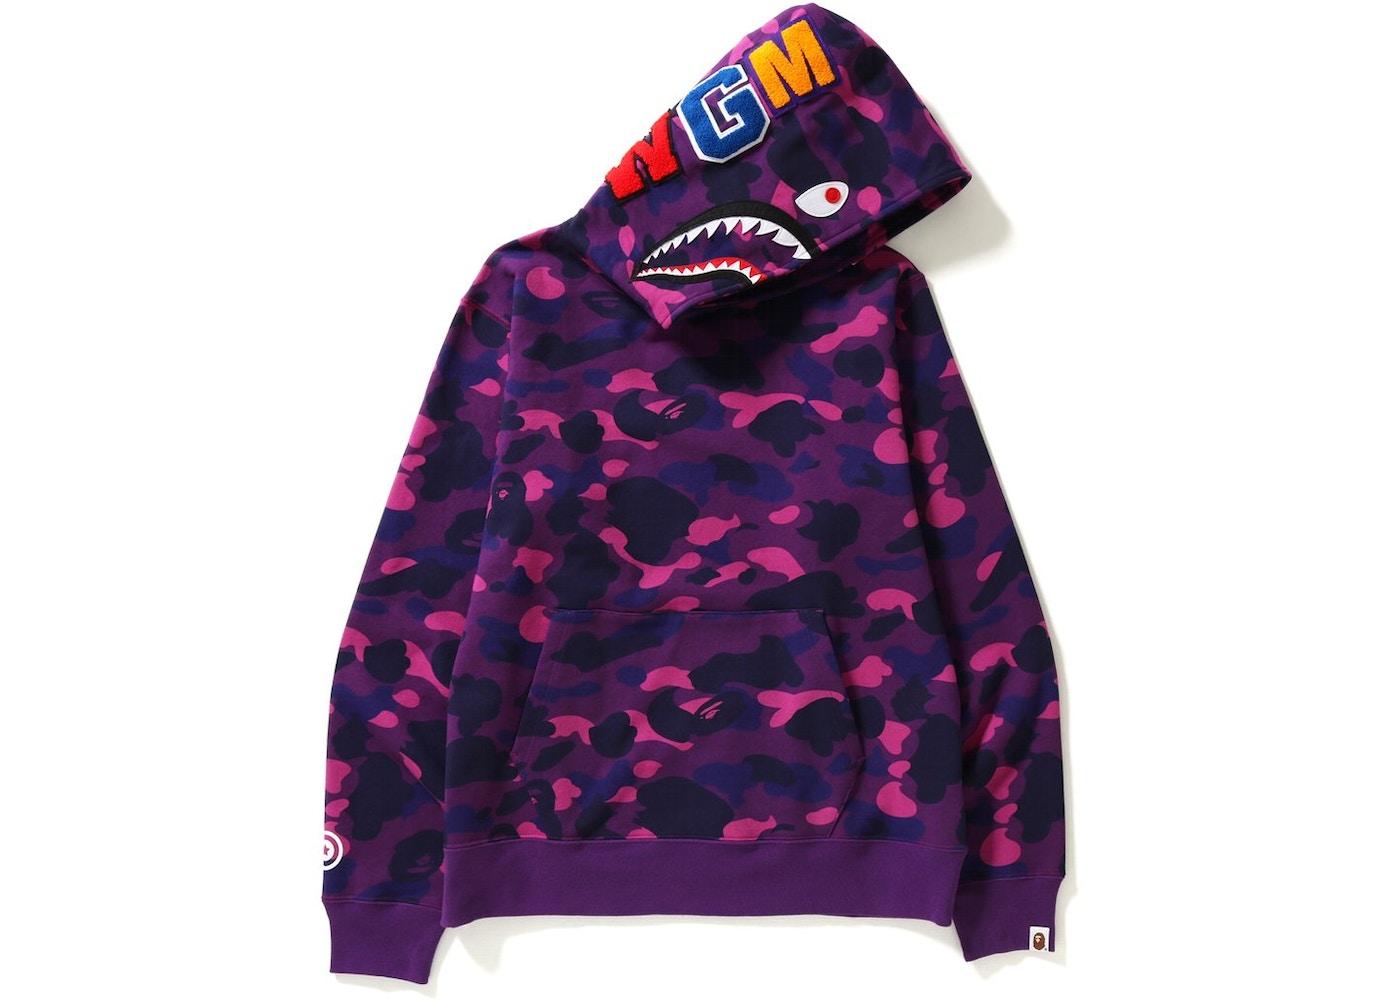 7464b49e43f3 Streetwear - Bape Tops Sweatshirts - New Highest Bids